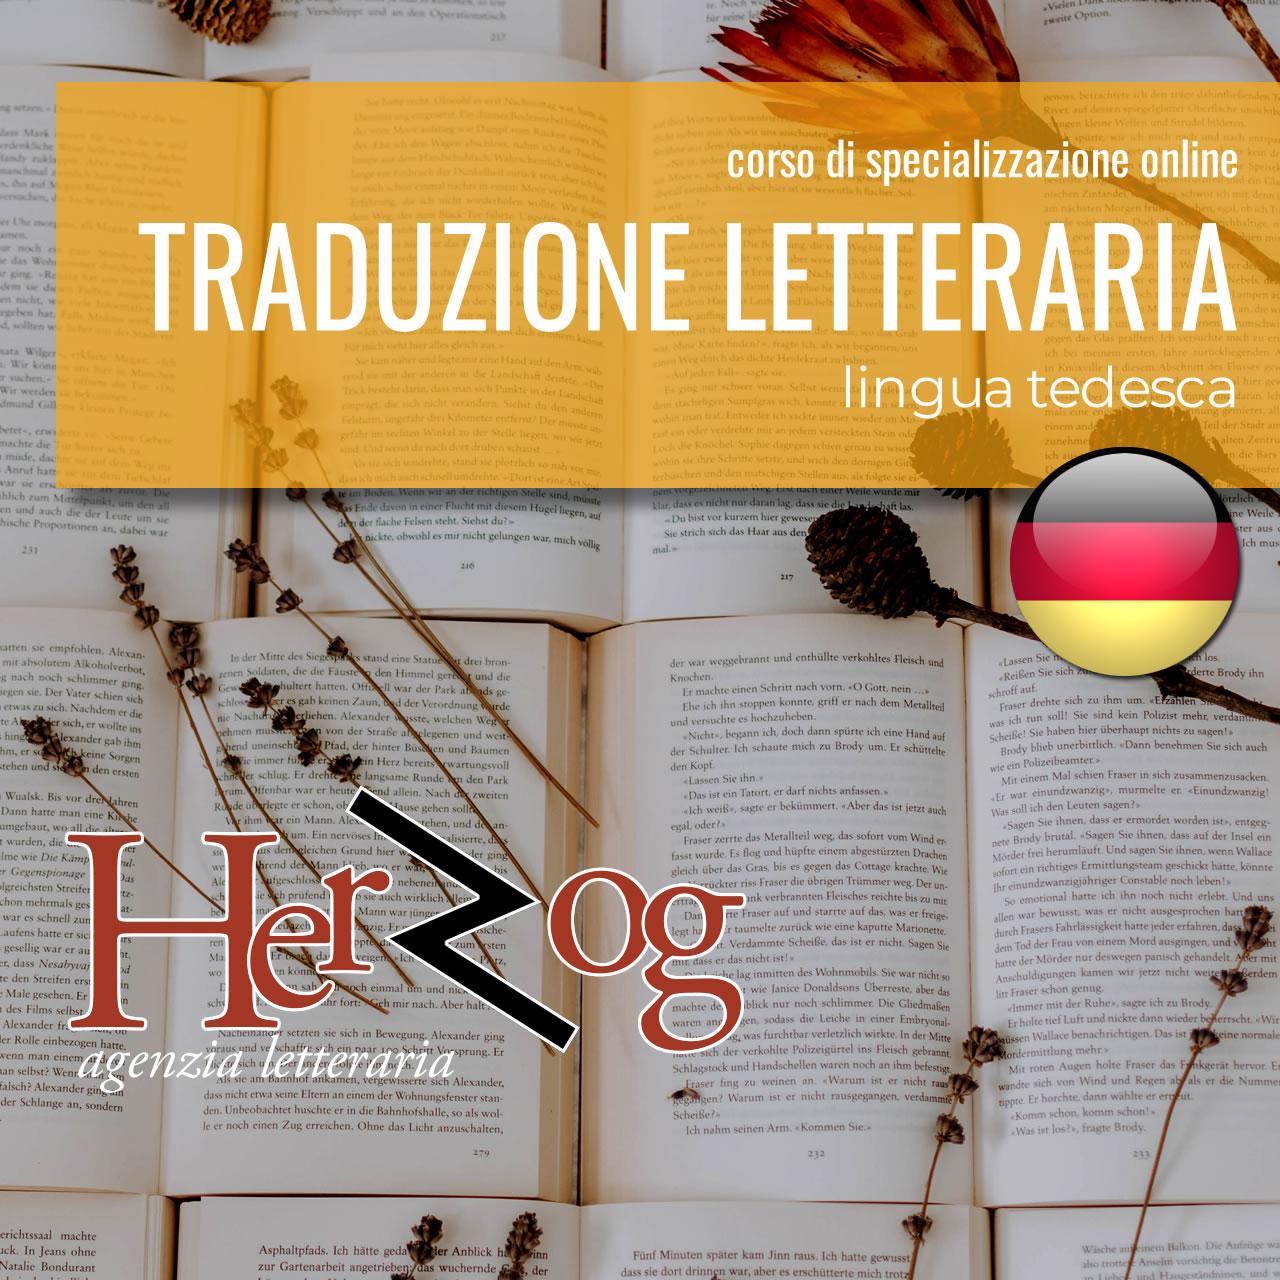 IL LAVORO DEL TRADUTTORE LETTERARIO (lingua tedesca)